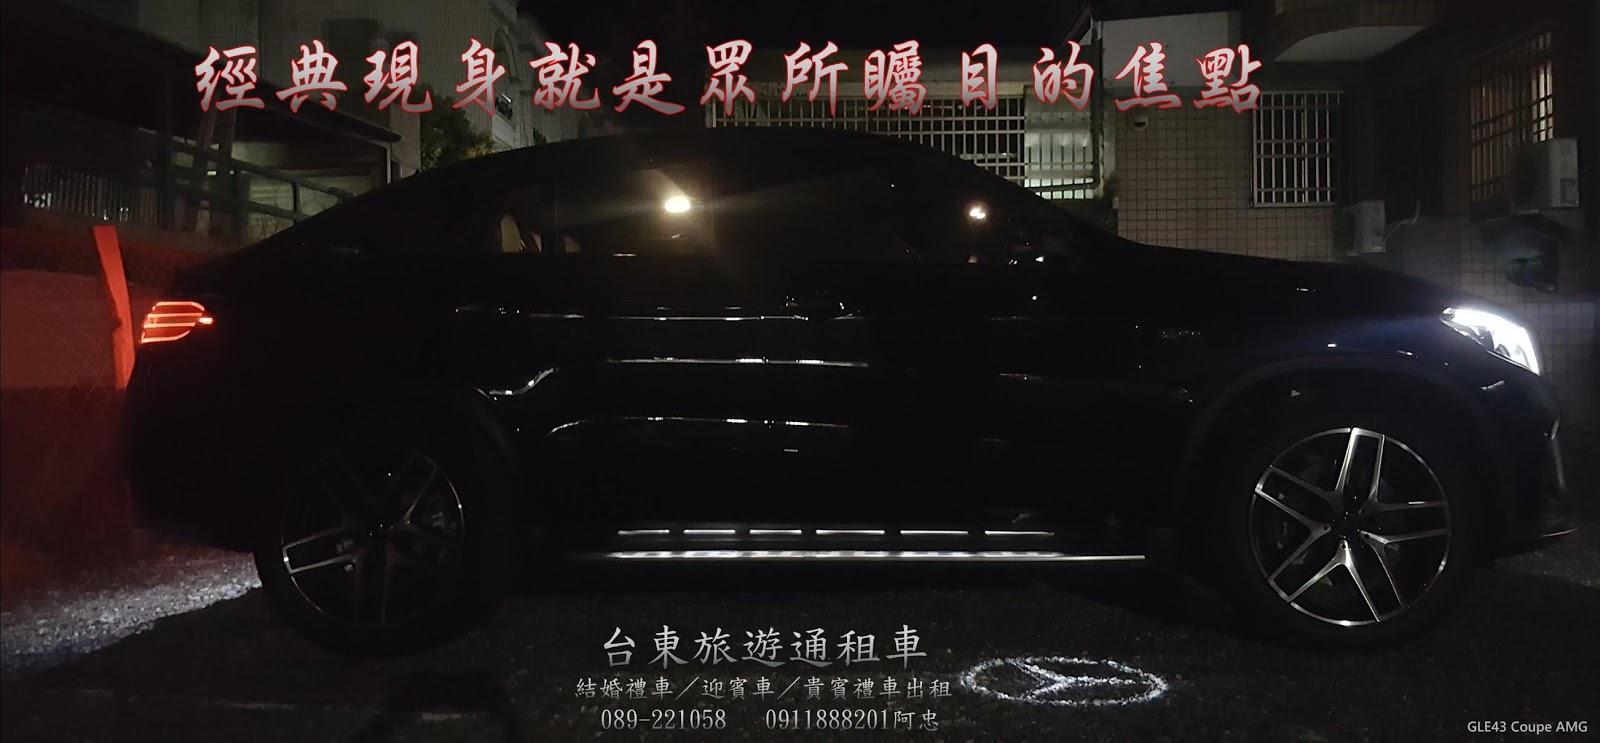 東展旅行社/臺東旅遊通小客車租賃行